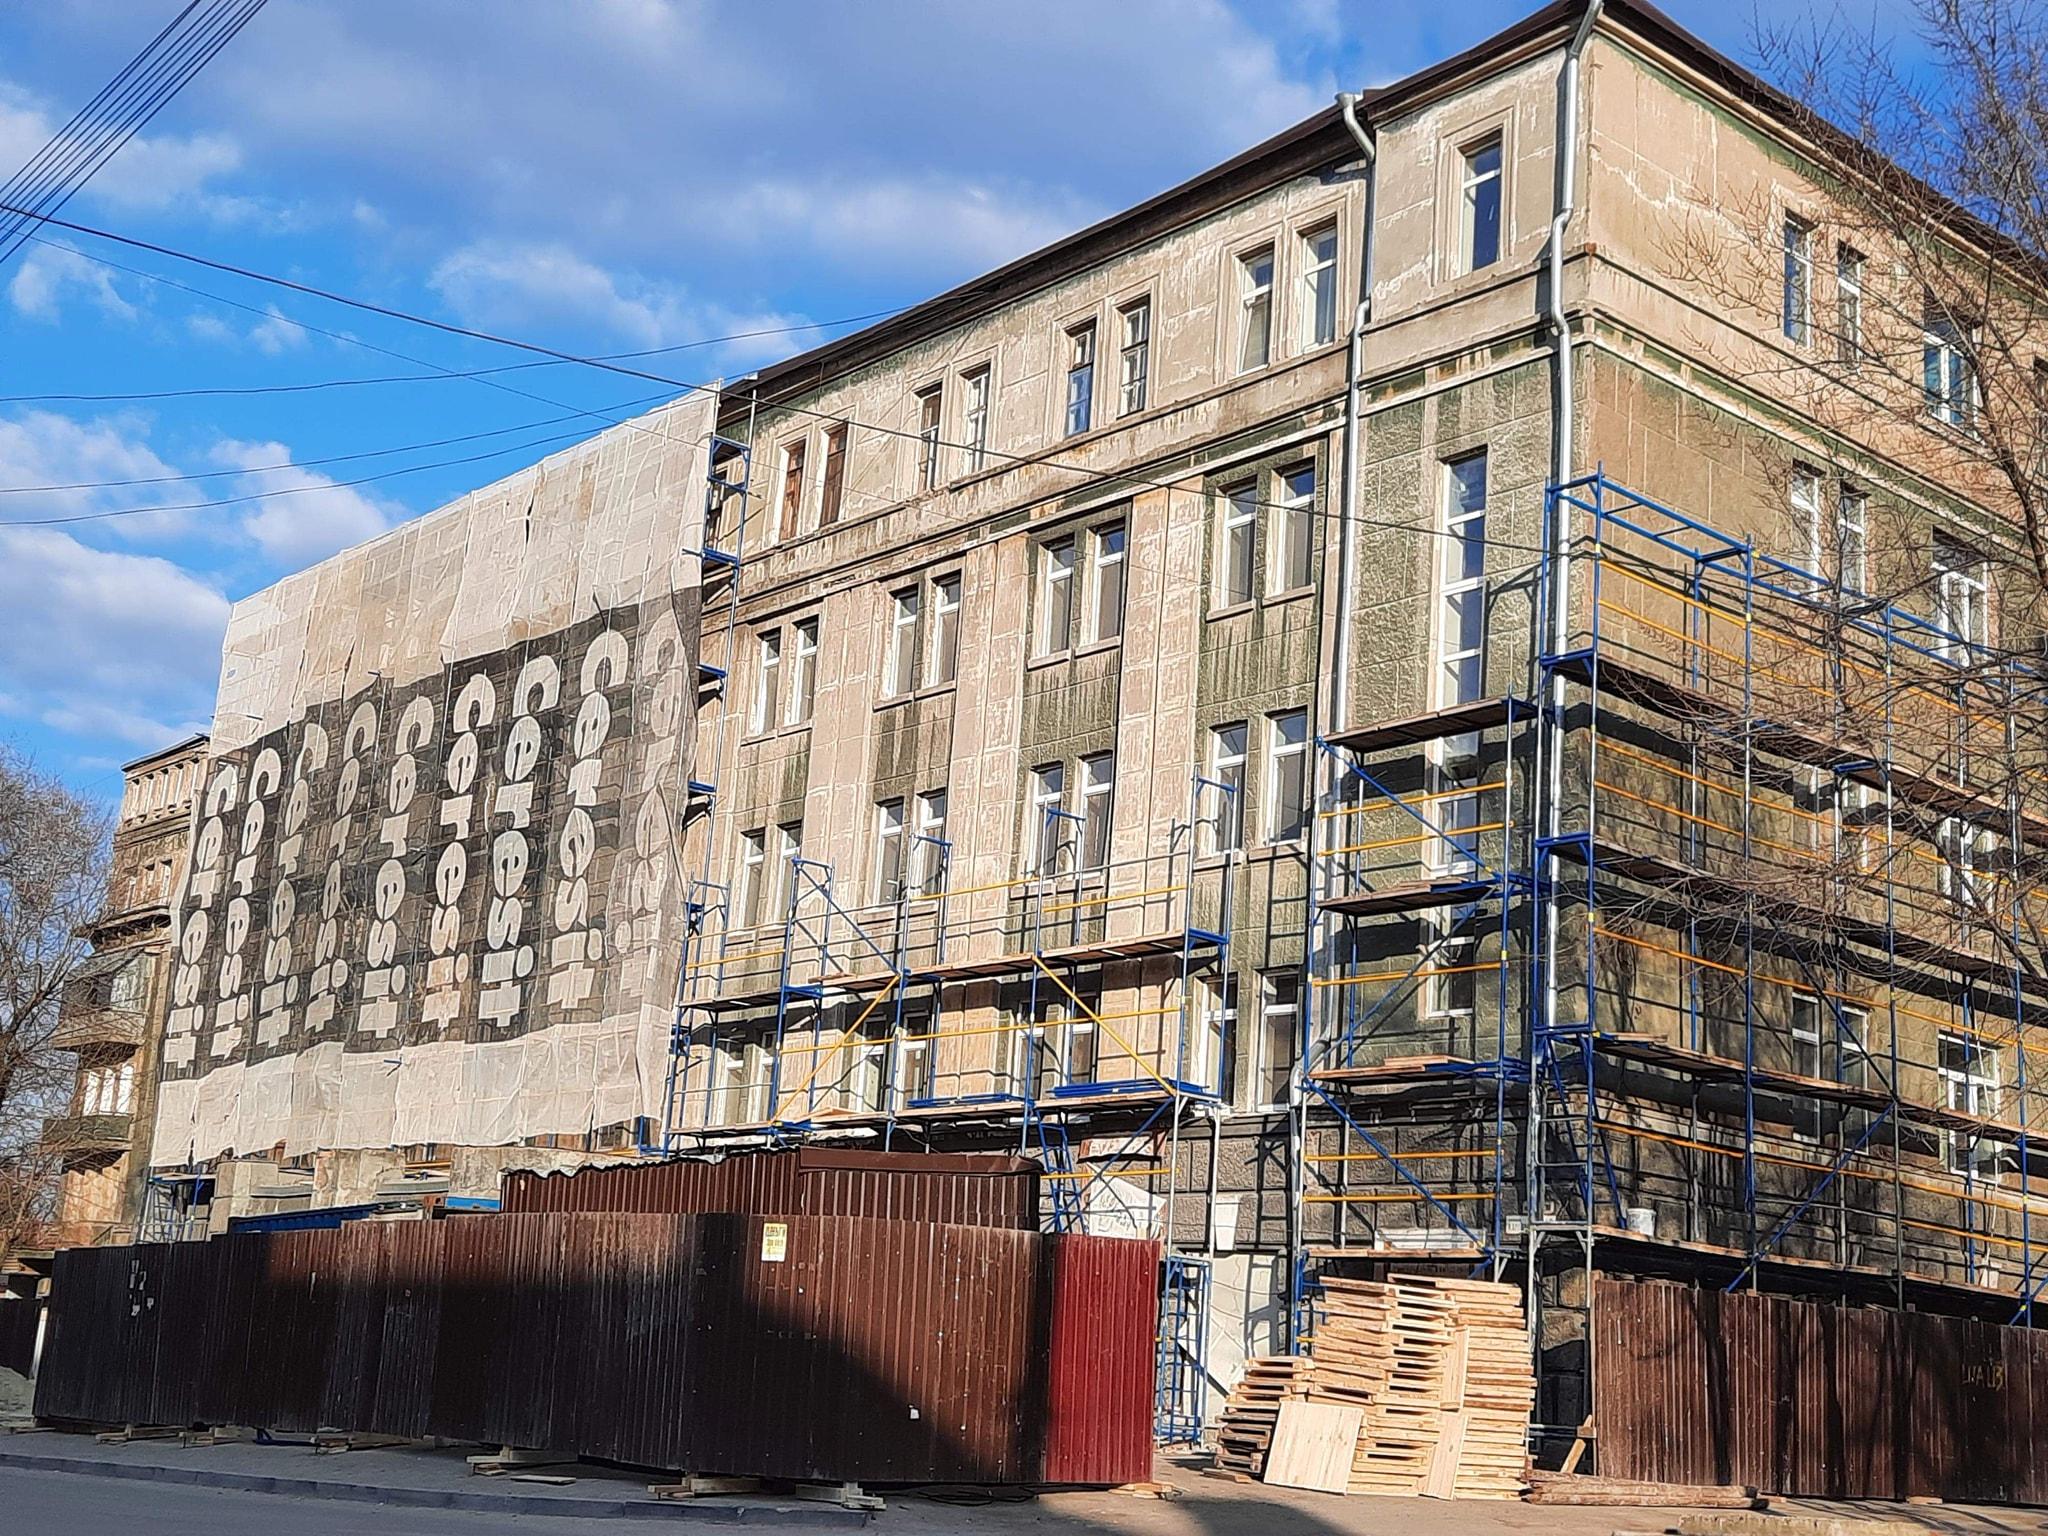 Сейчас проводится реконструкция здания. В Днепре начали реконструкцию «Дома прокатчика»